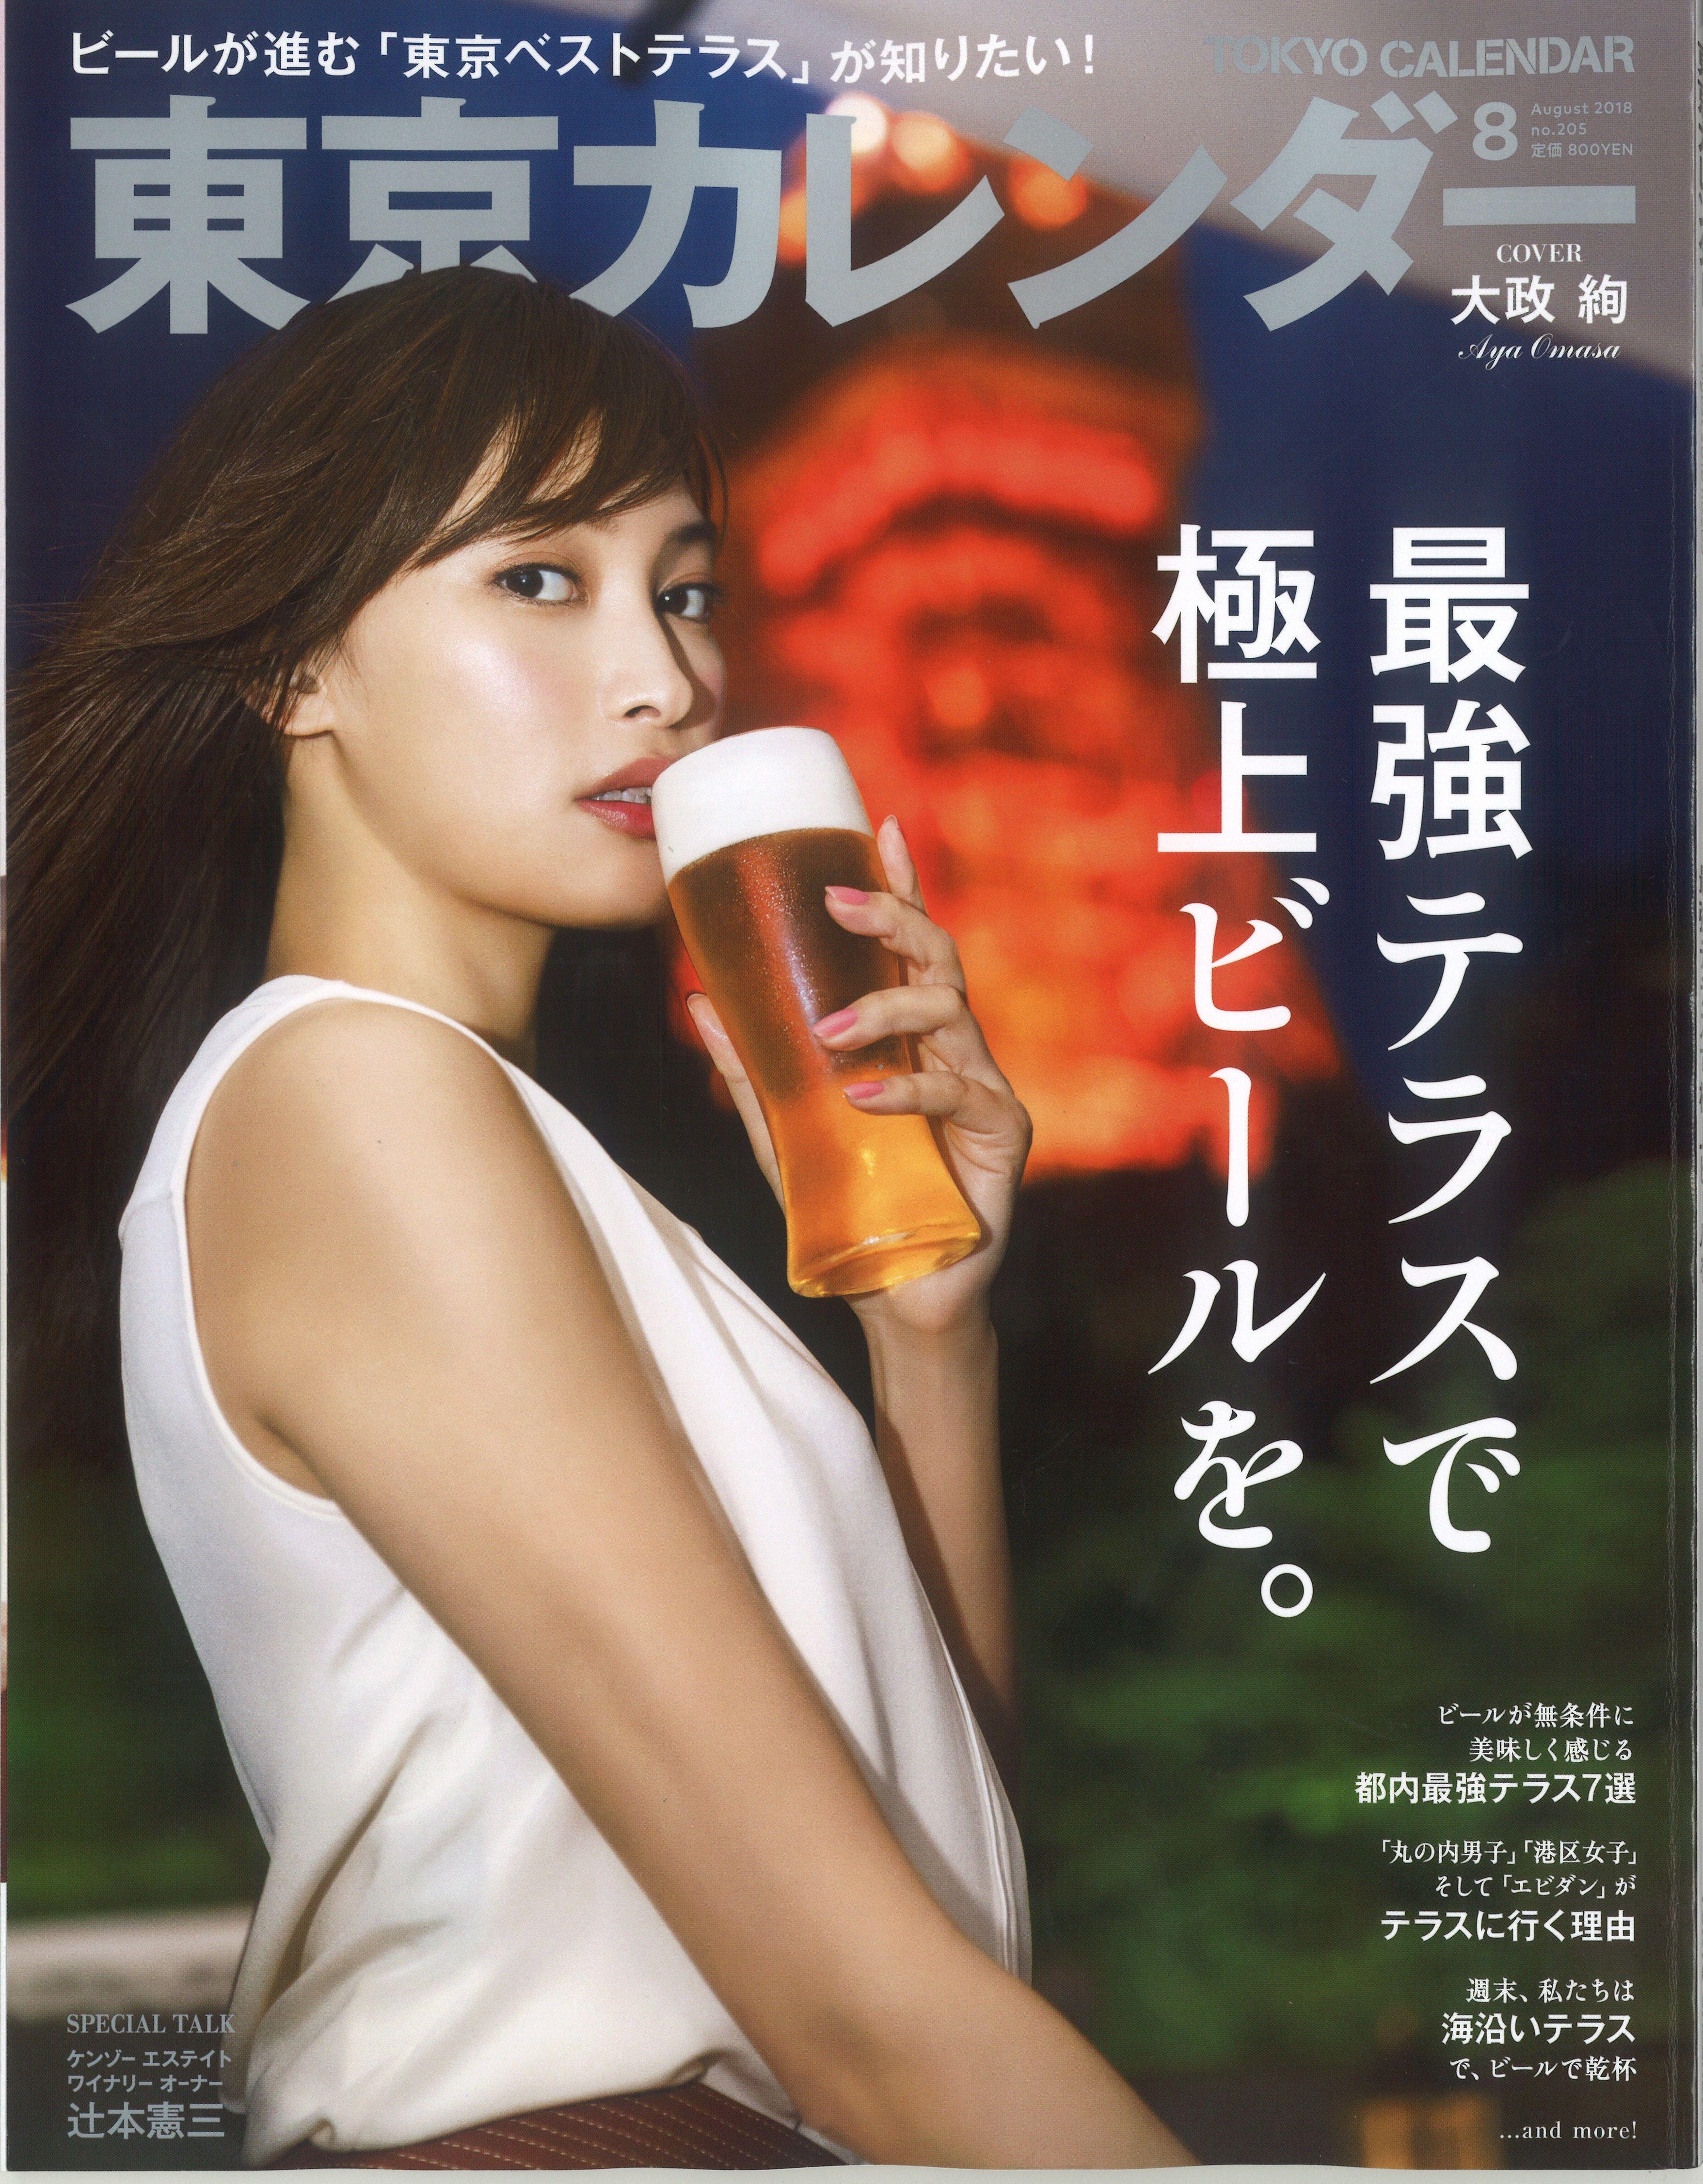 6/21 「東京カレンダー」に掲載されました。